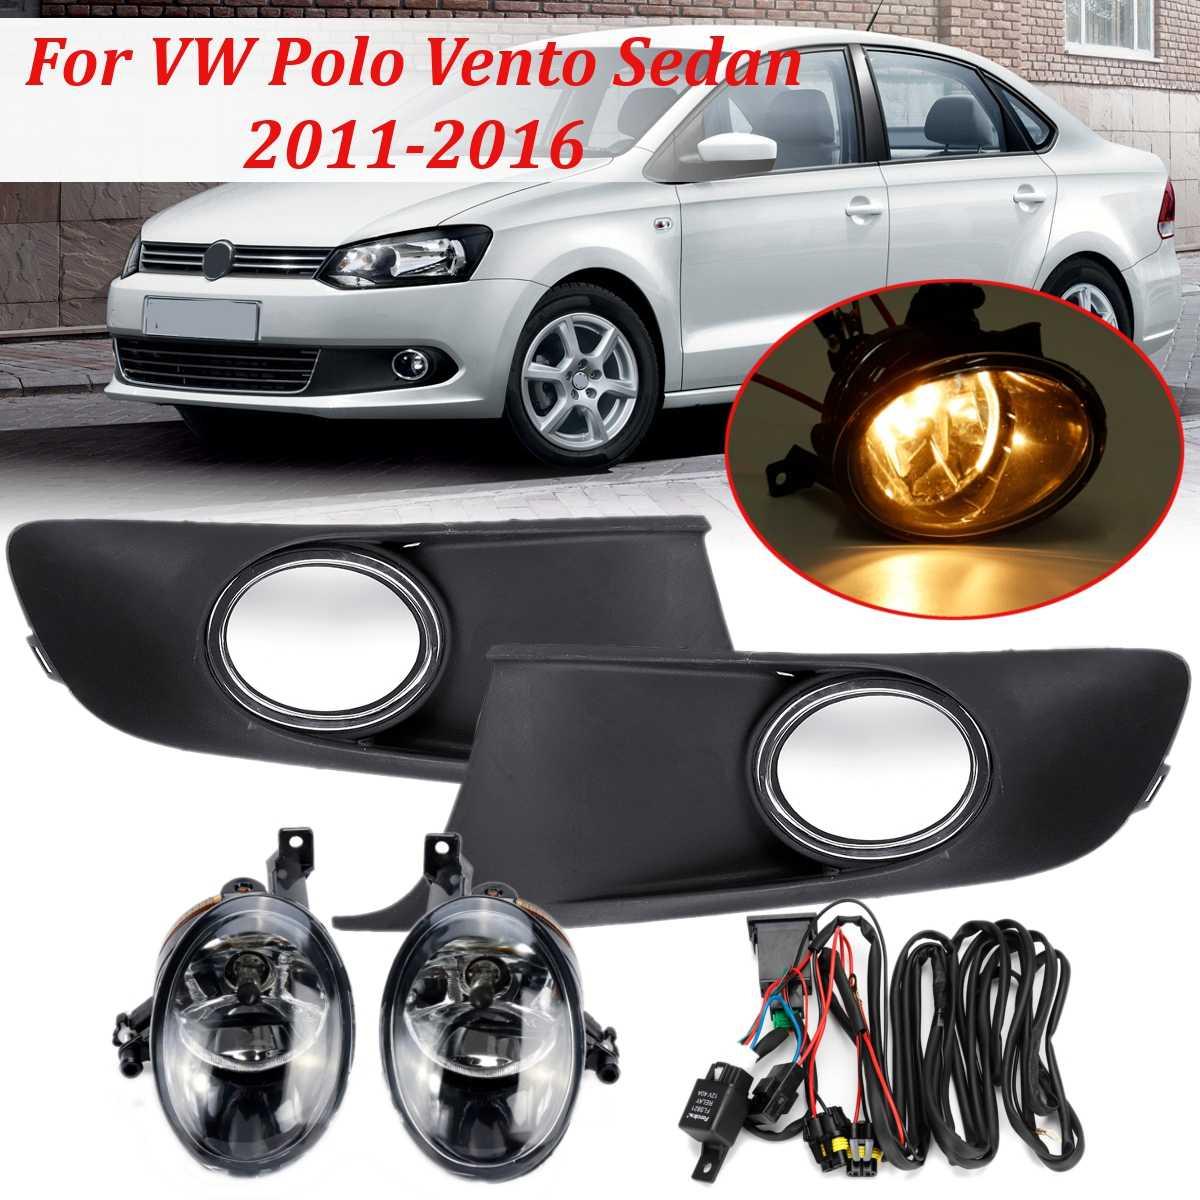 Fog Light Fog Lamp Fog Light Car Light Cover And Harness Assembly For VW Polo Vento Sedan Saloon 2011 2012 2013 2014 2015 2016